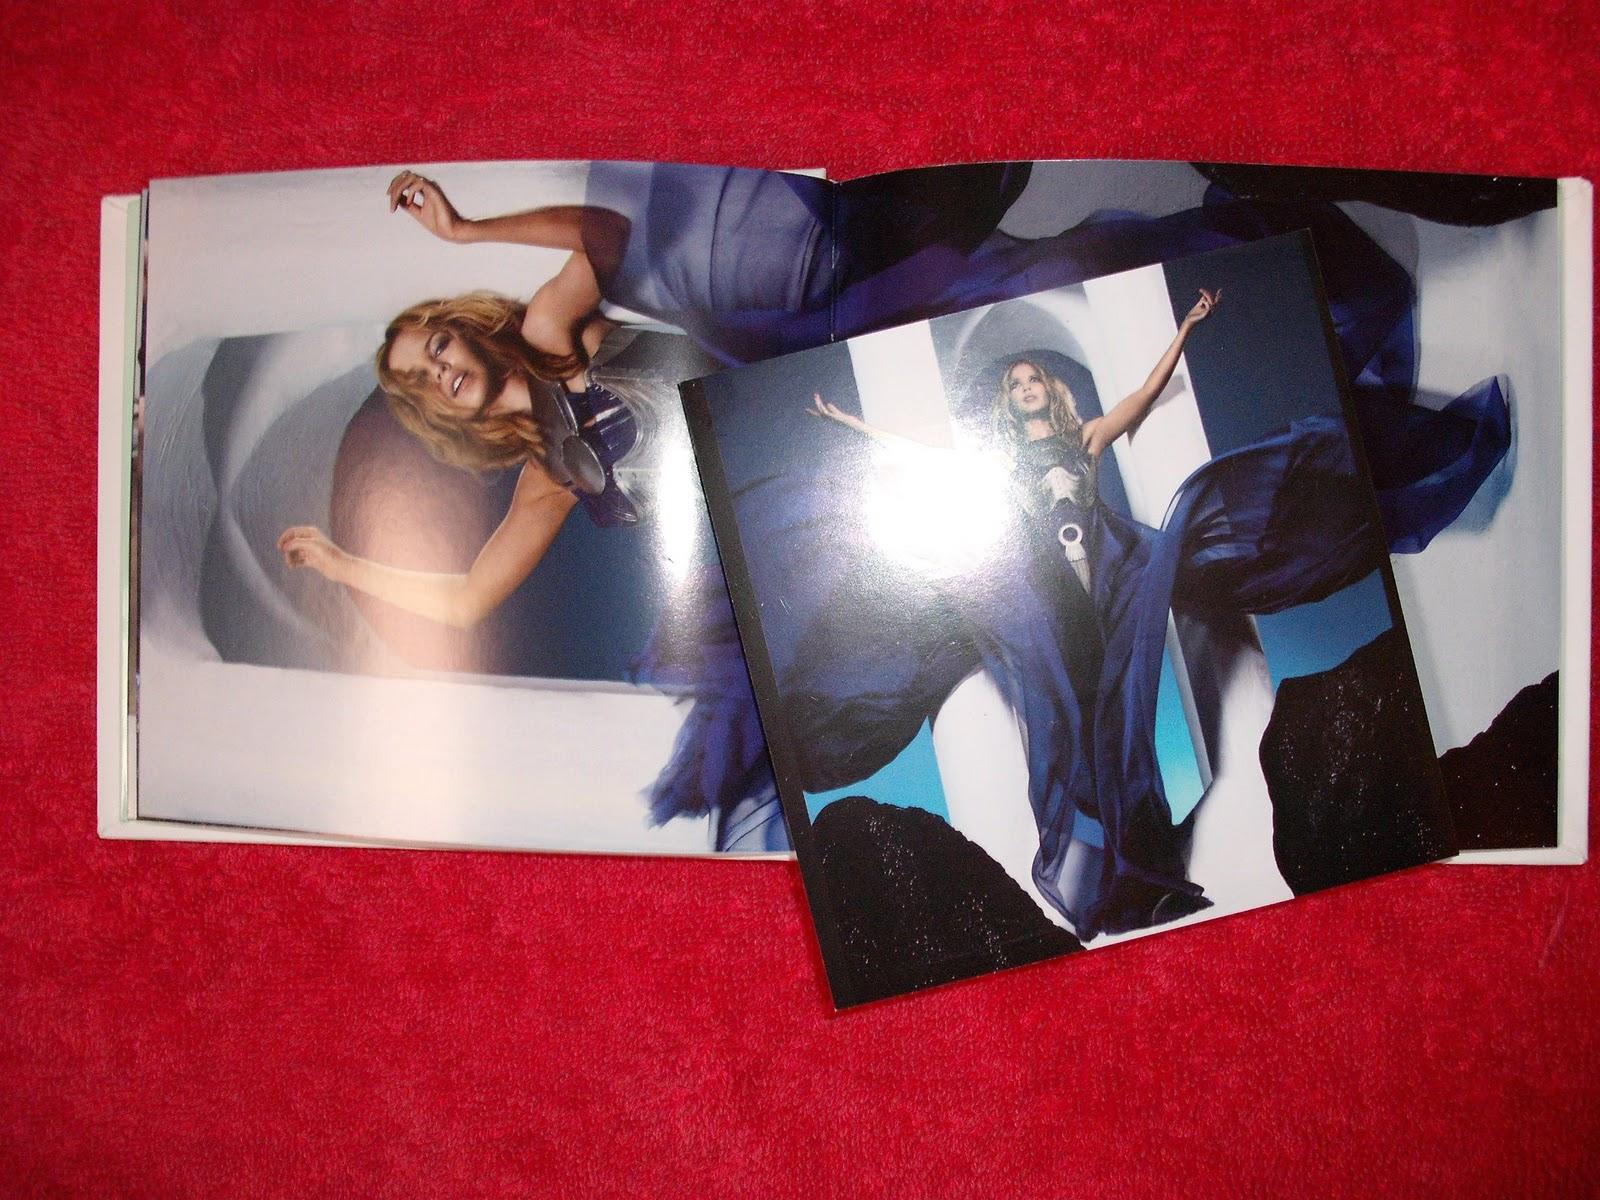 http://2.bp.blogspot.com/-ZU8cOYV0bpE/TVdkdEUe93I/AAAAAAAAAHg/z8ZeD5M4d5s/s1600/Kylie+Aphrodite+%25284%2529.JPG